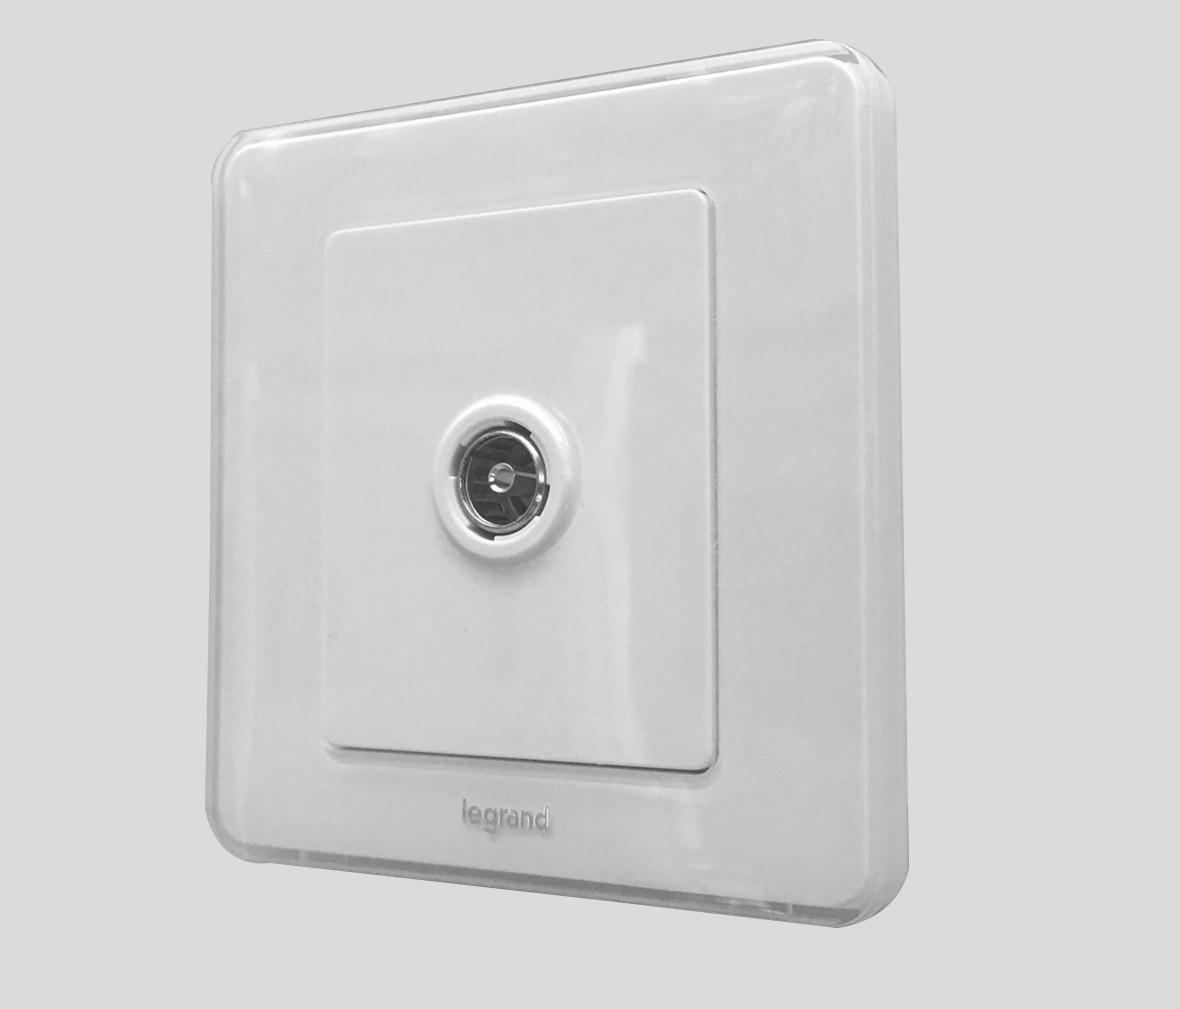 朗士照明 罗格朗逸典系列冰莹白电视插口 信号口 开关